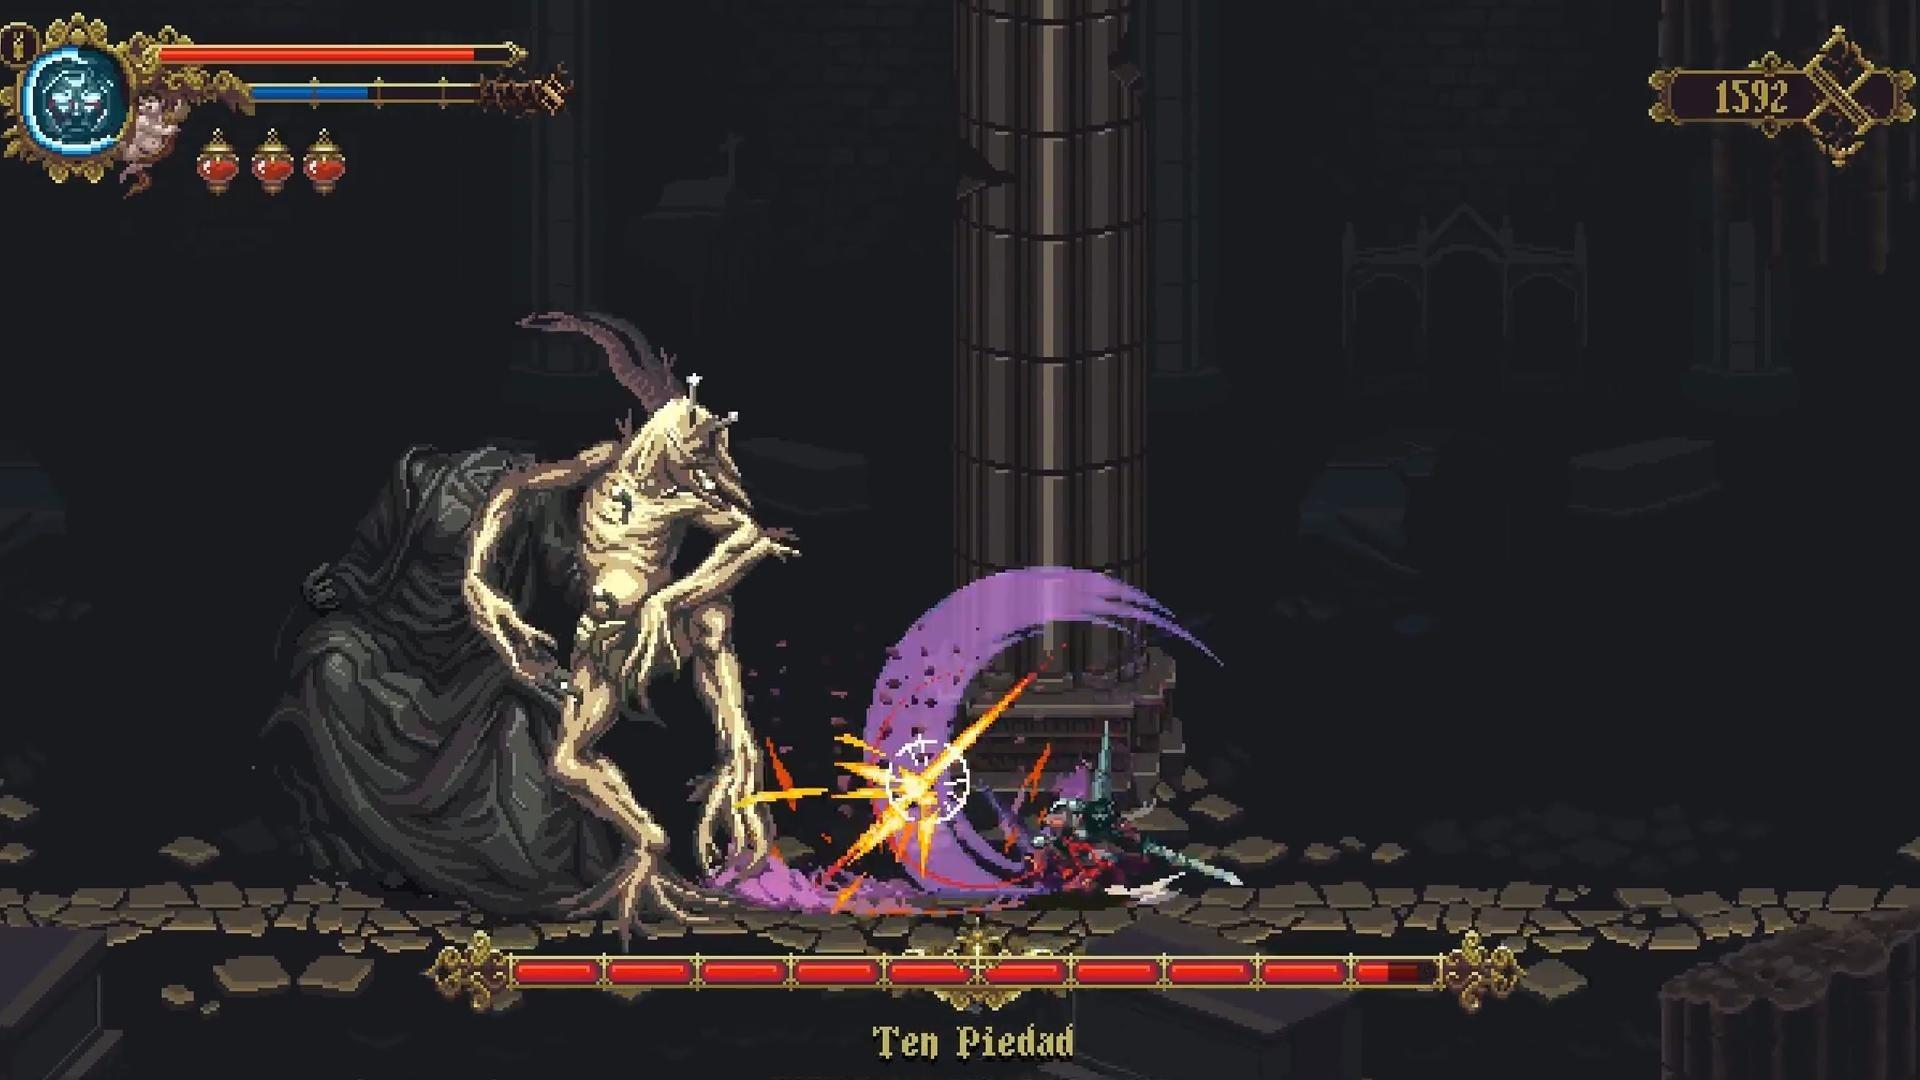 Скриншот к игре Blasphemous v.3.0.32a [GOG] (2019) скачать торрент Лицензия